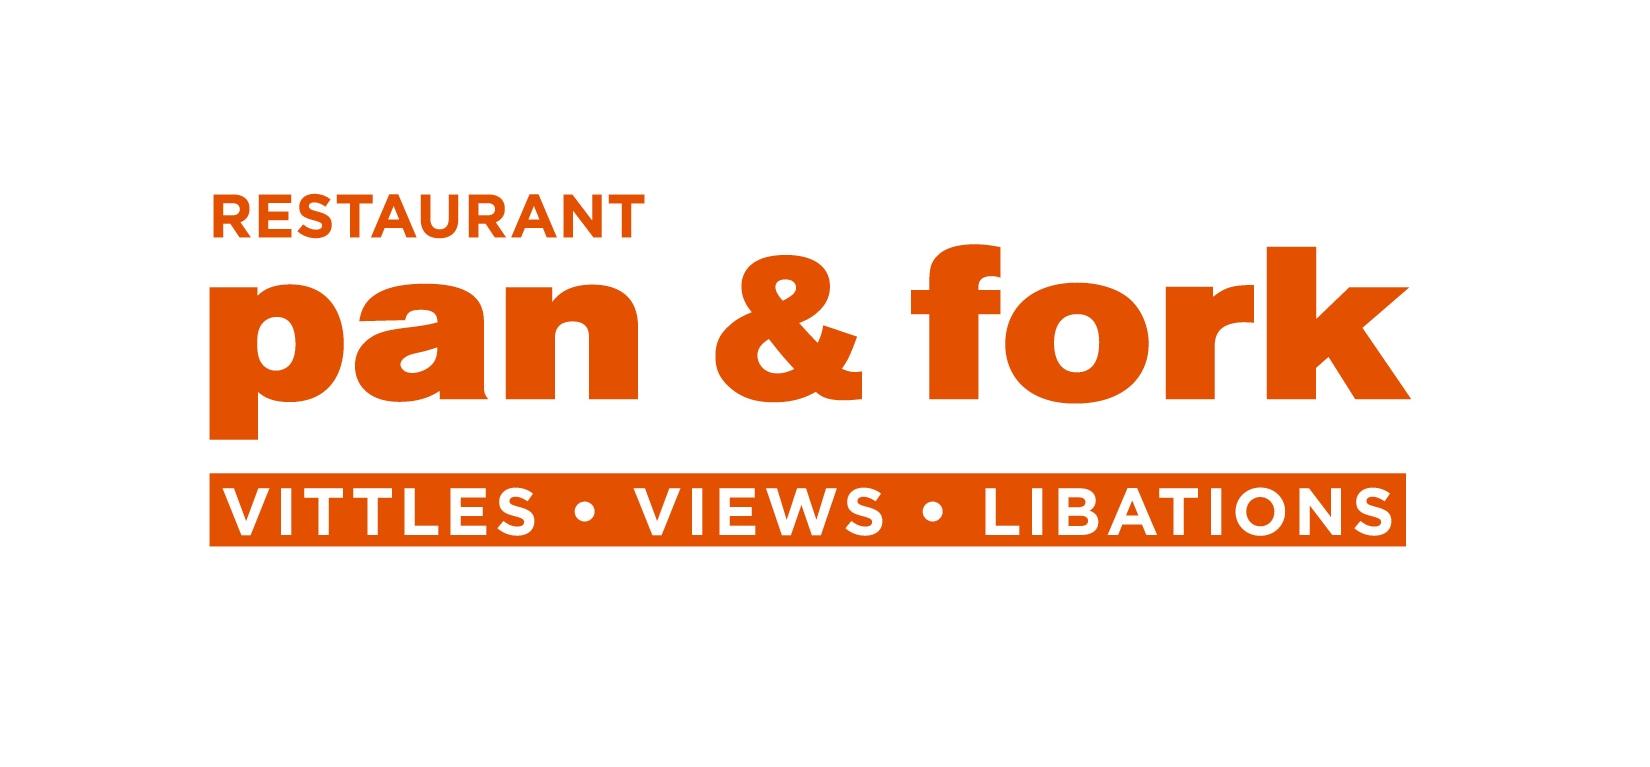 PF-logoFINAL_12.jpg